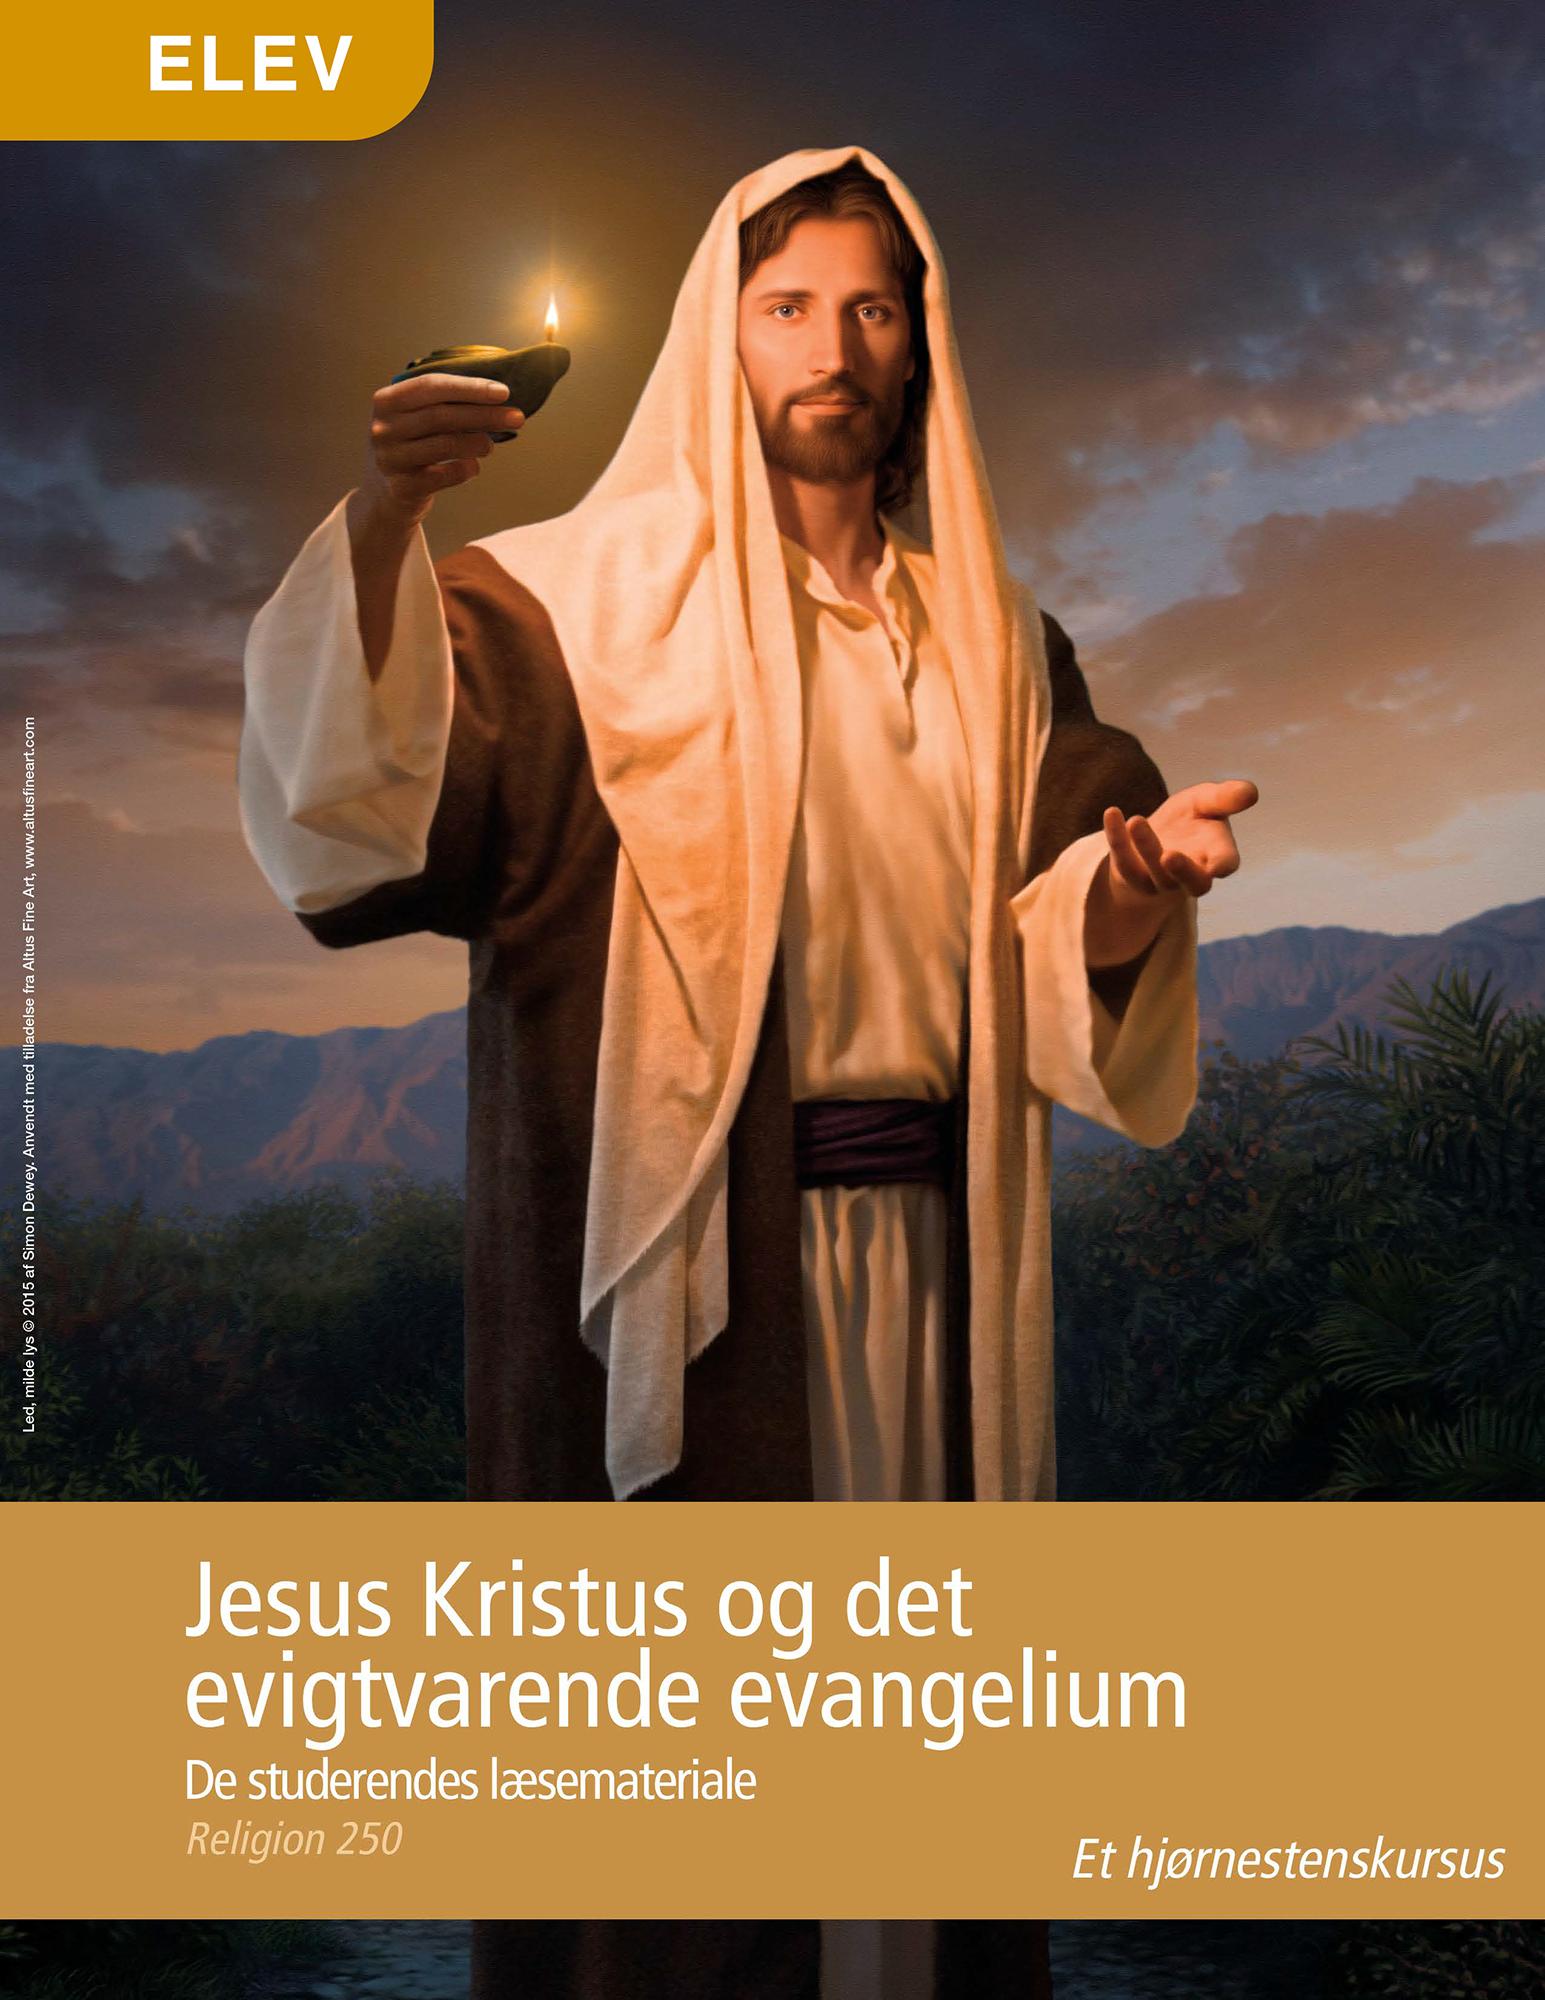 Jesus Kristus og det evigtvarende evangelium – De studerendes læsemateriale – (Rel 250)